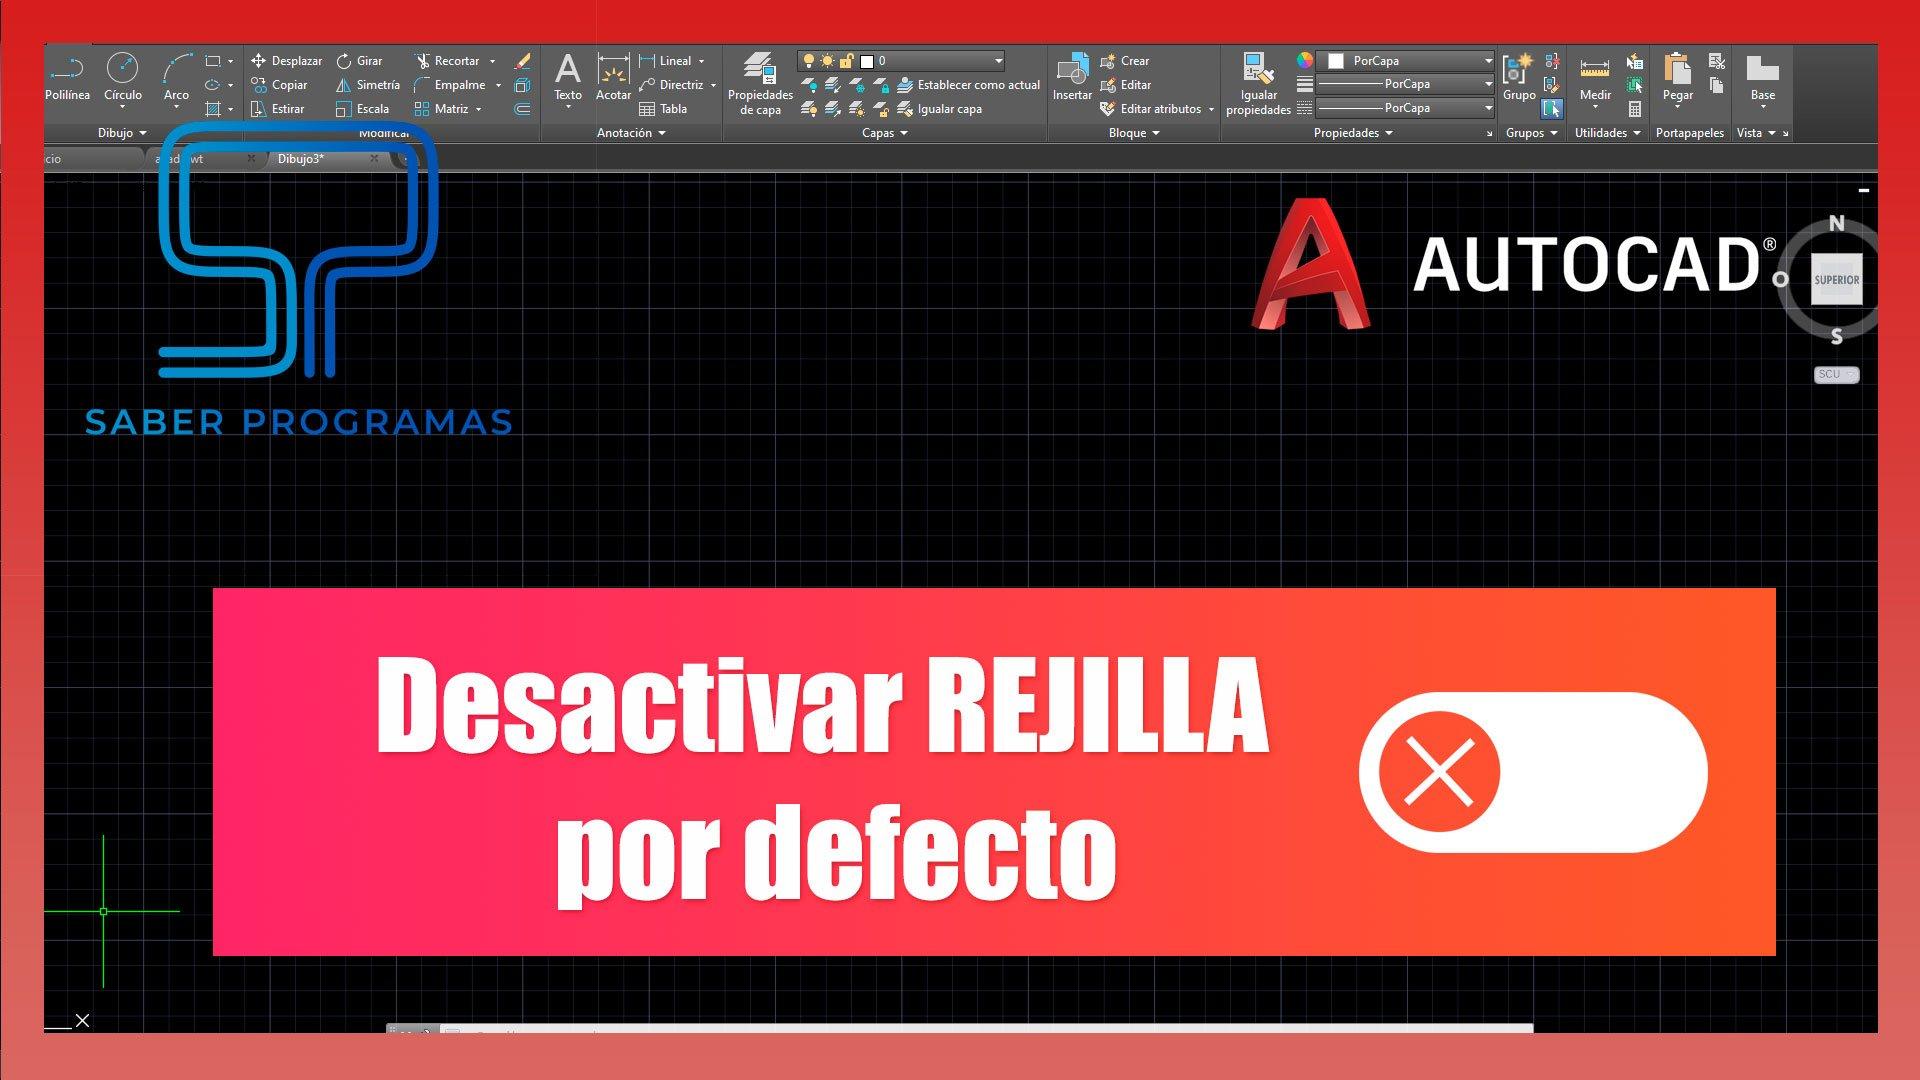 Desactivar rejilla en Autocad por defecto